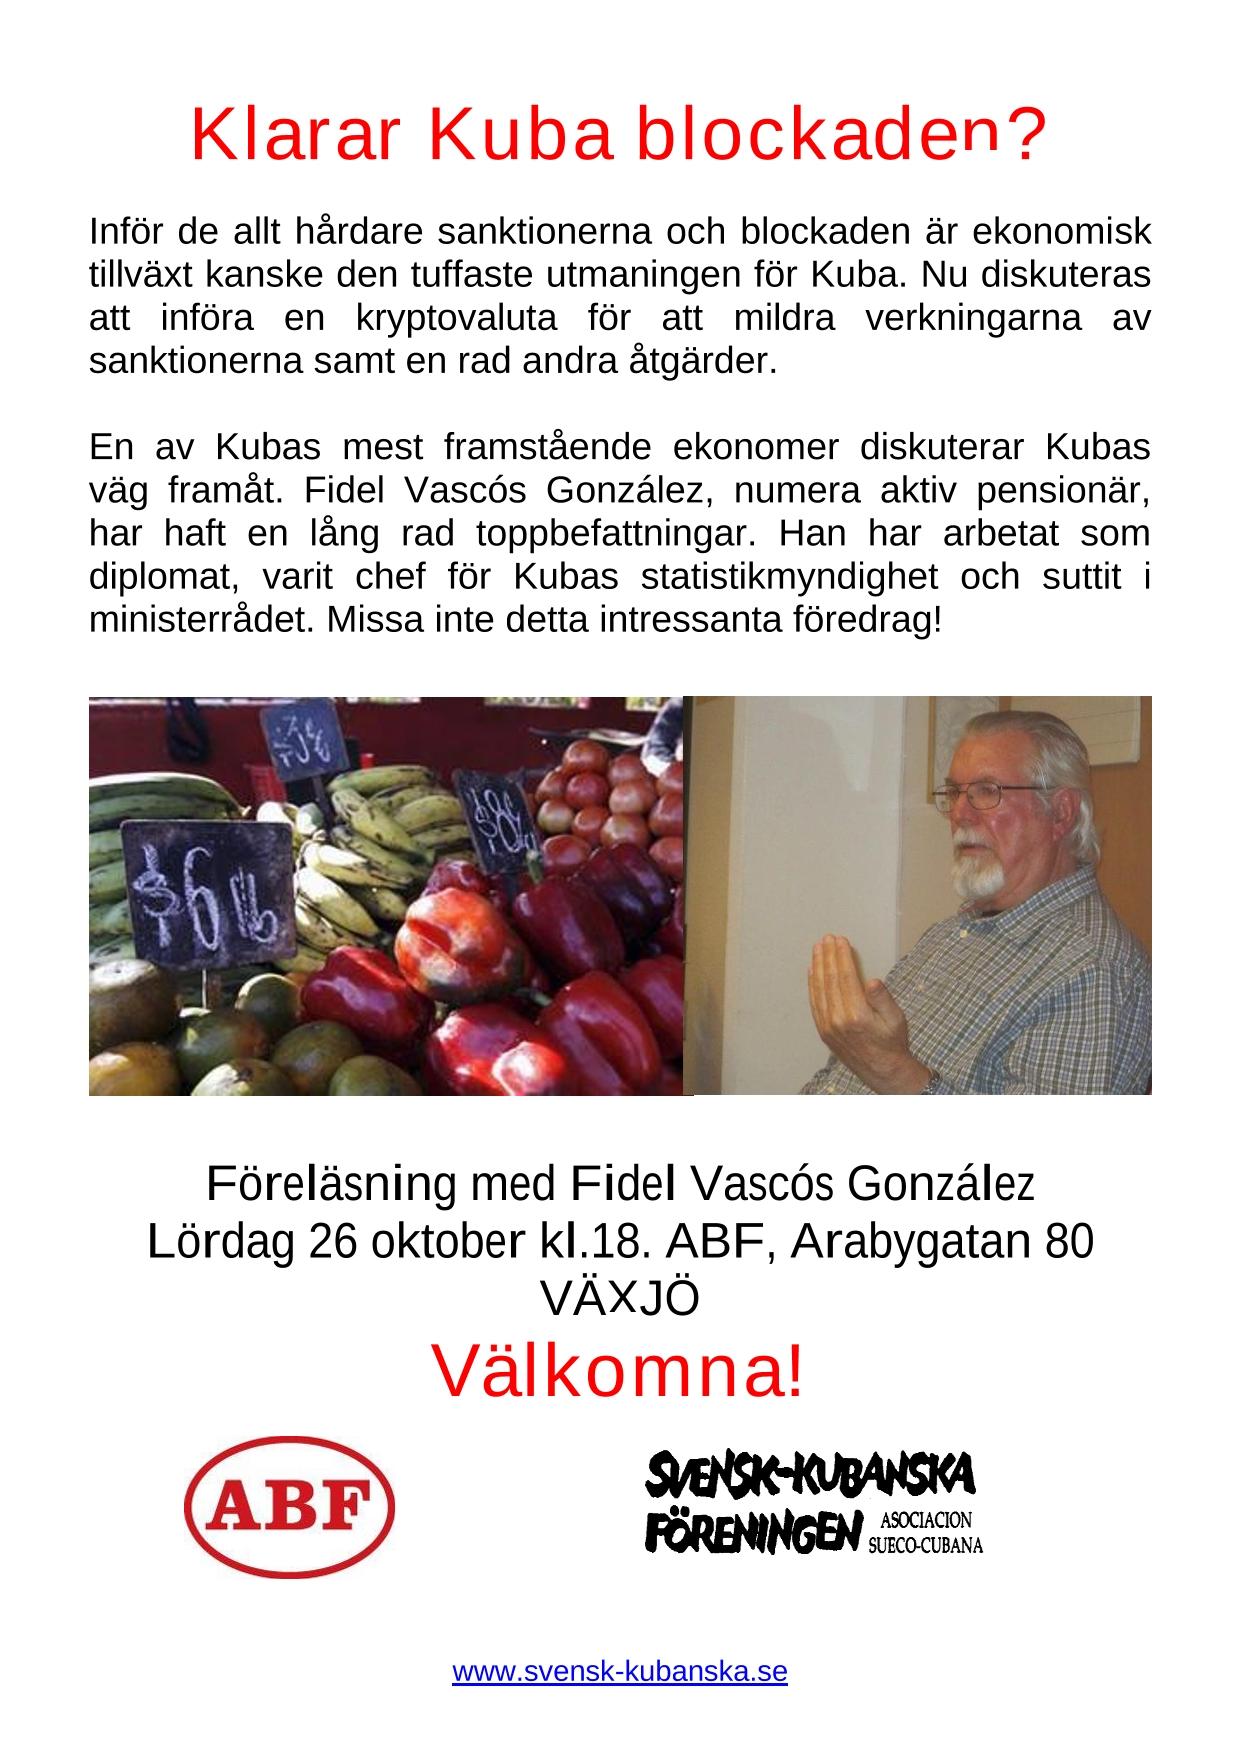 Fidel_Vascos_affisch_Växjö-1 (1)